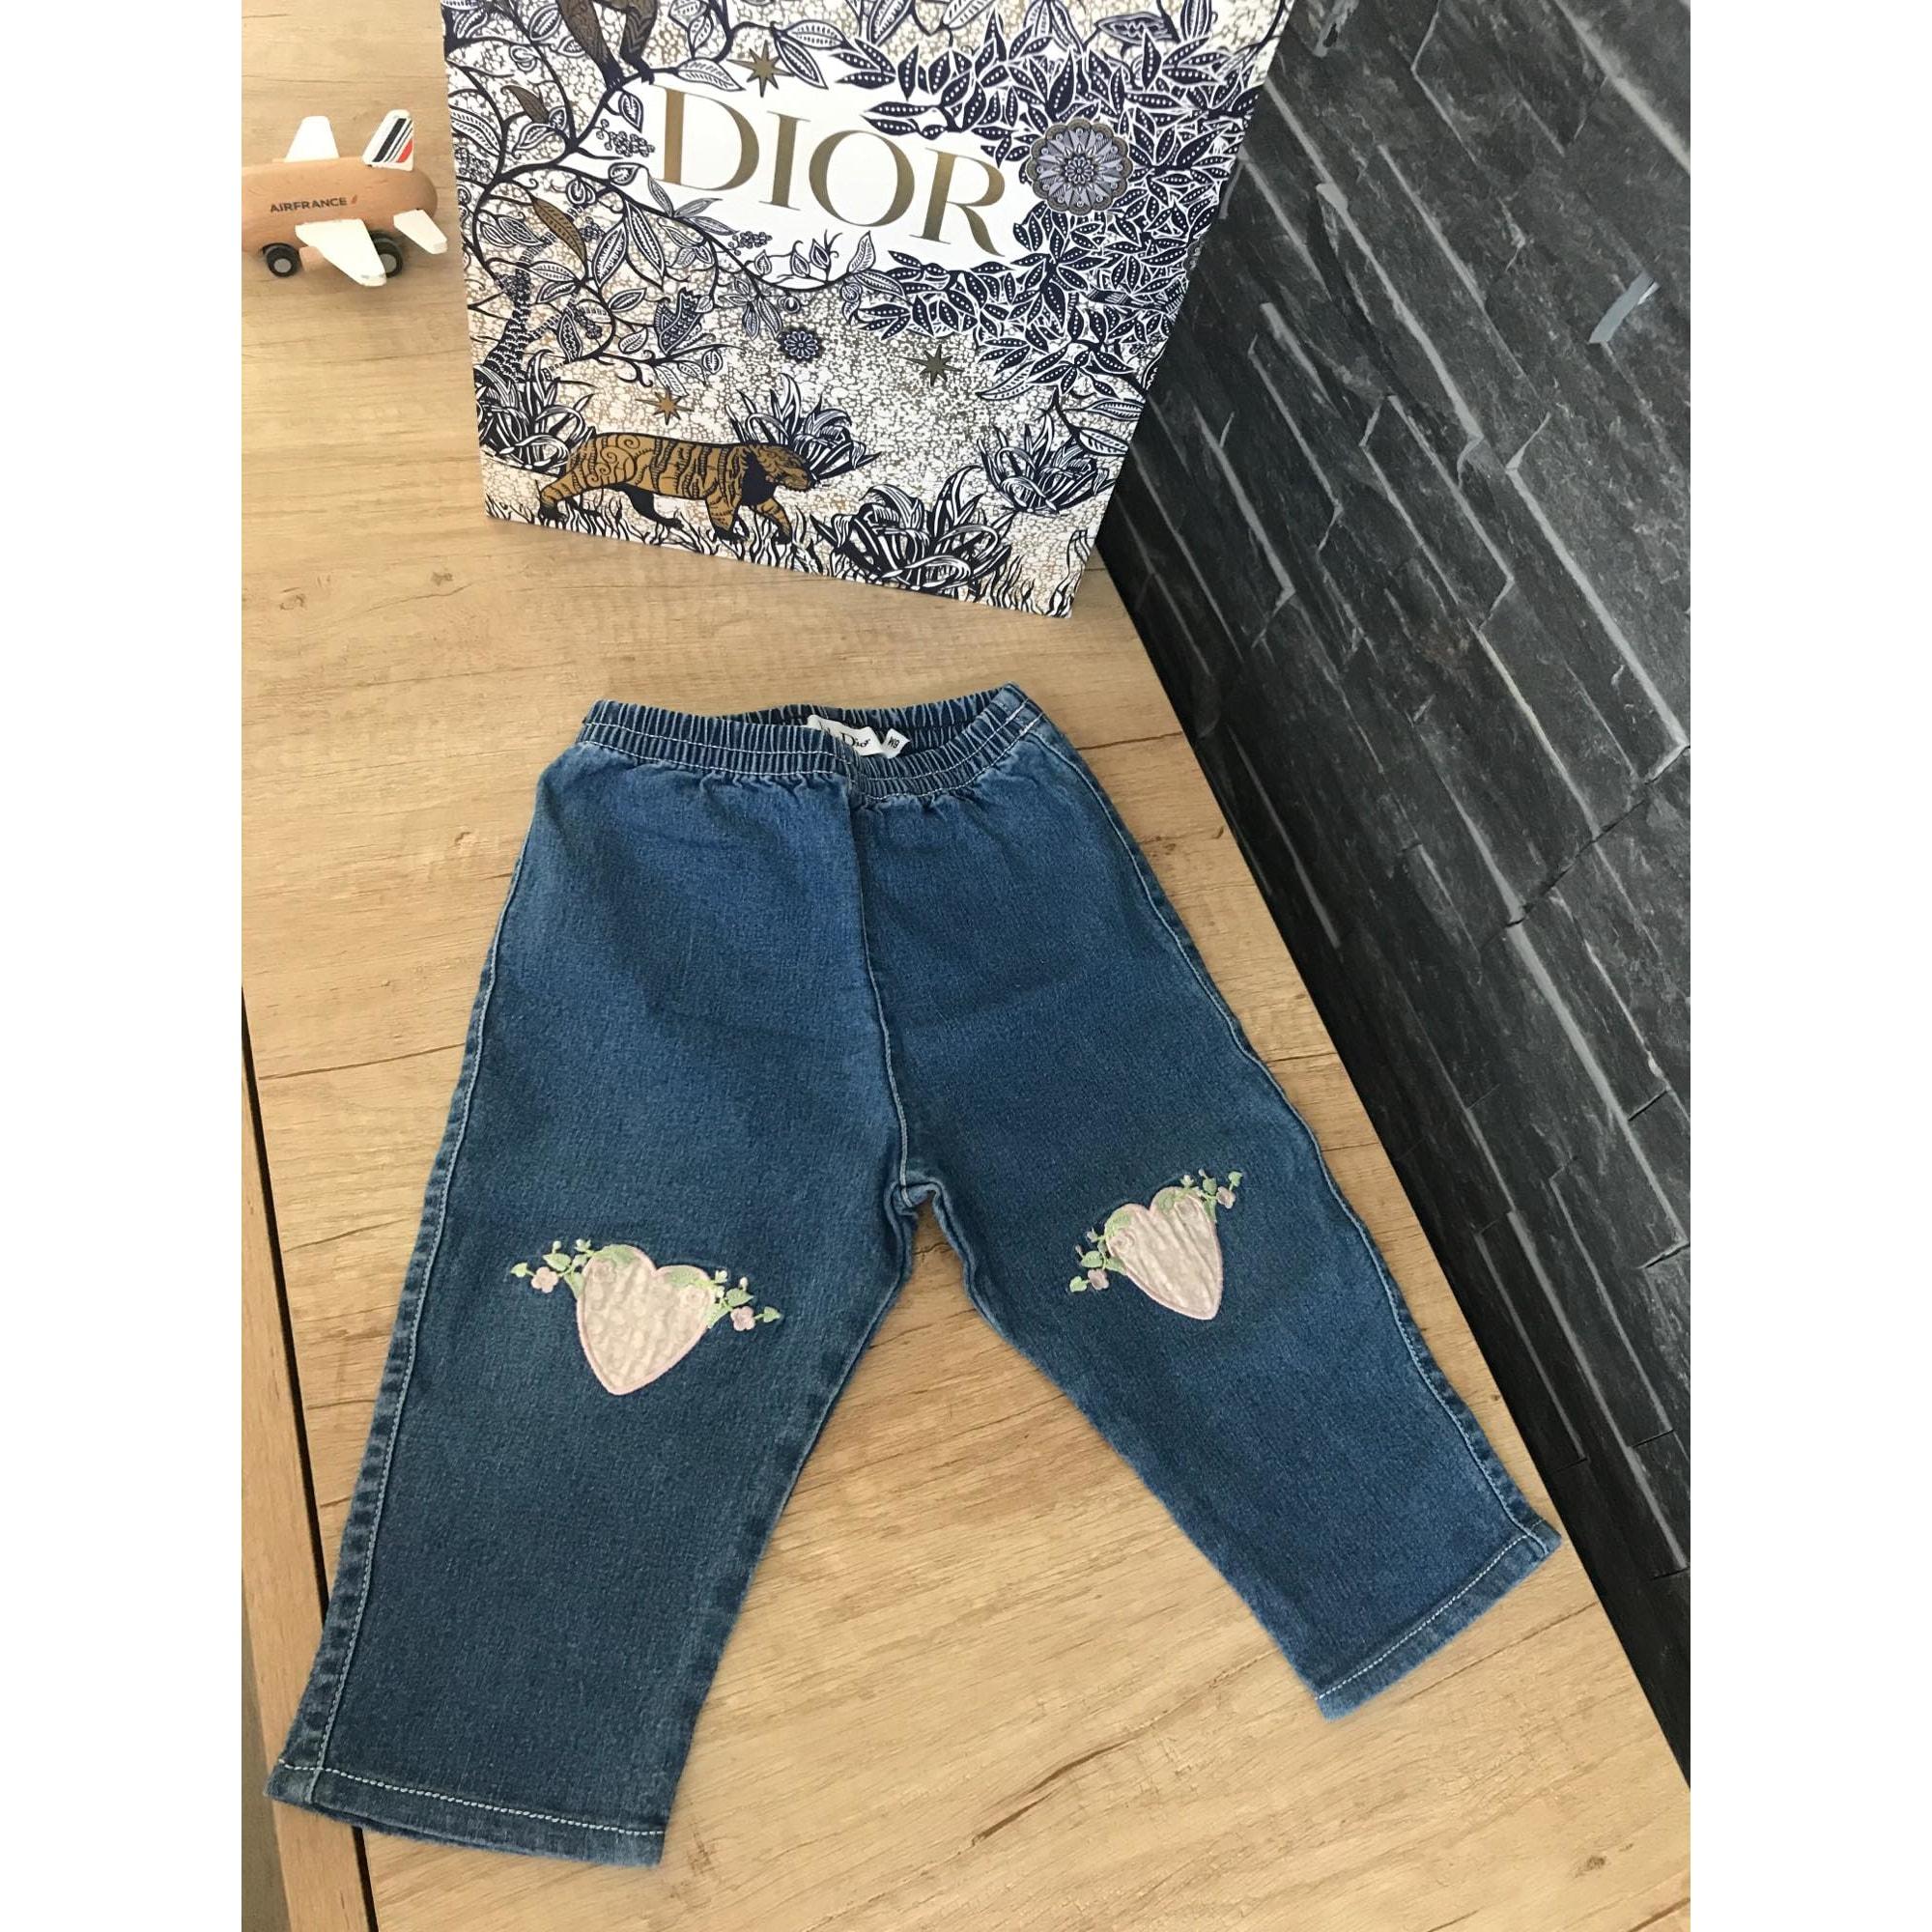 Pantalon DIOR Bleu, bleu marine, bleu turquoise